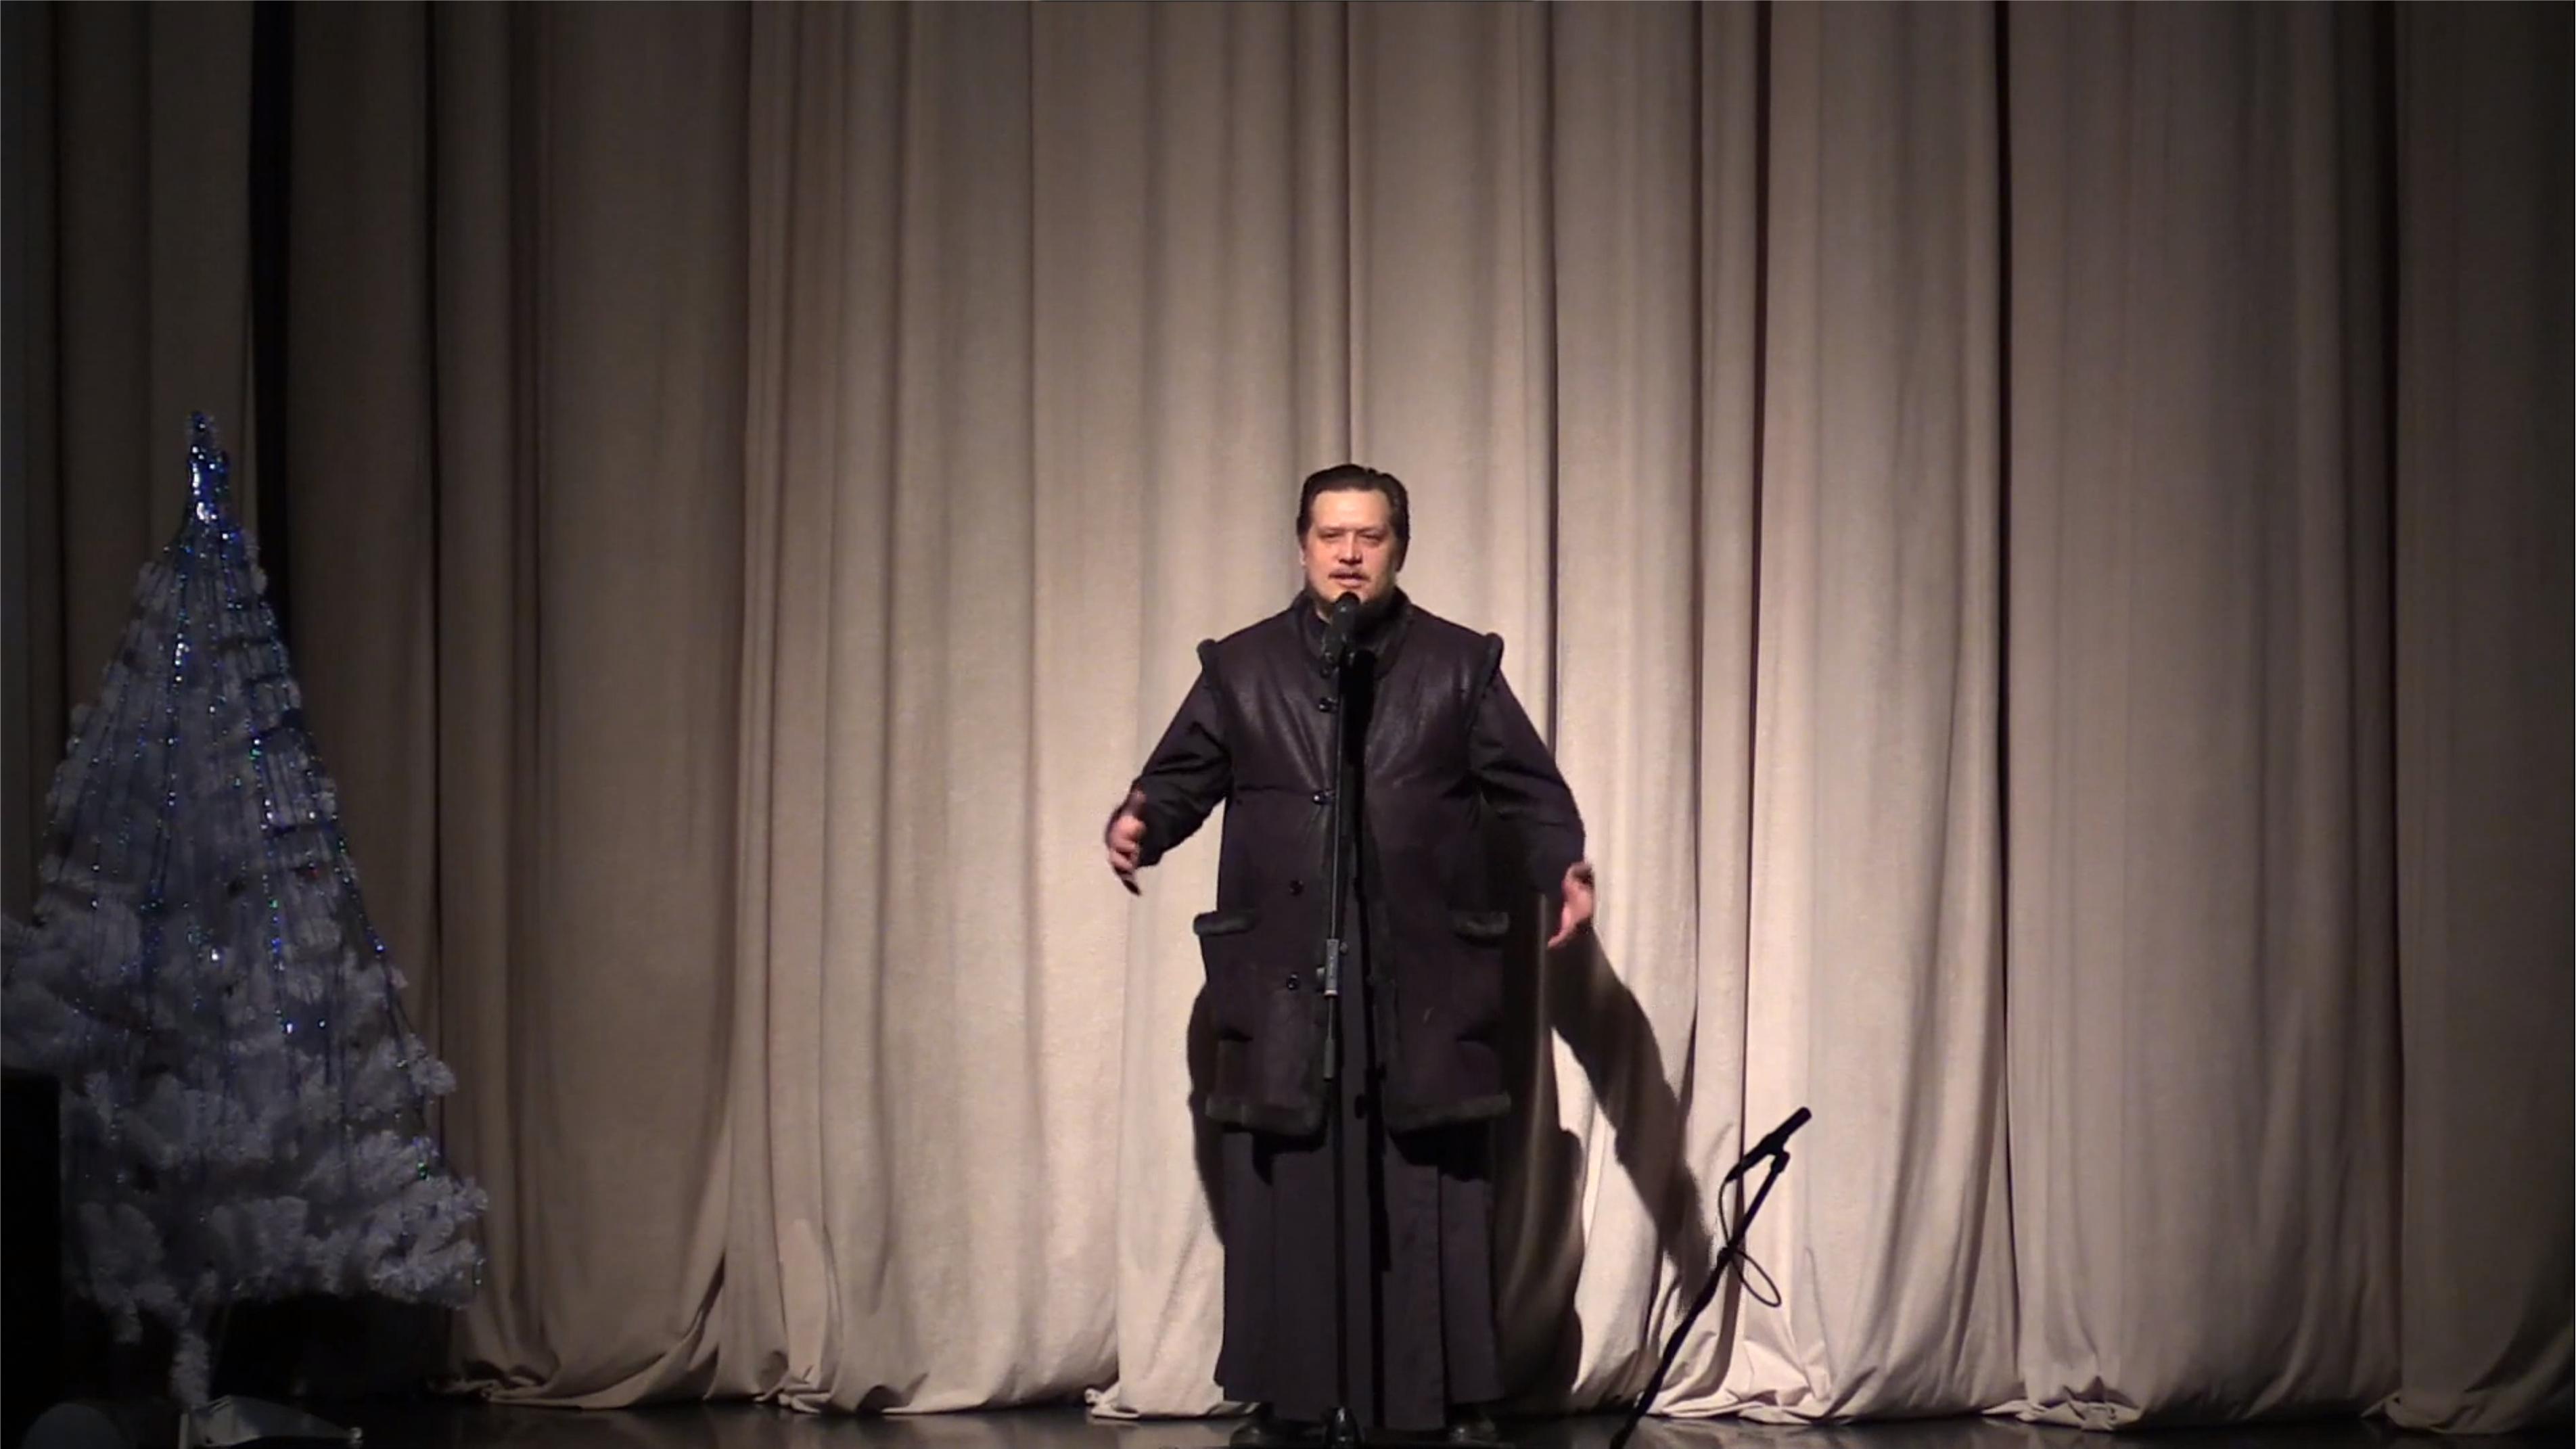 Новосибирский кампанолог получил диплом за лучший доклад «Филофеевских чтений» в Тюмени